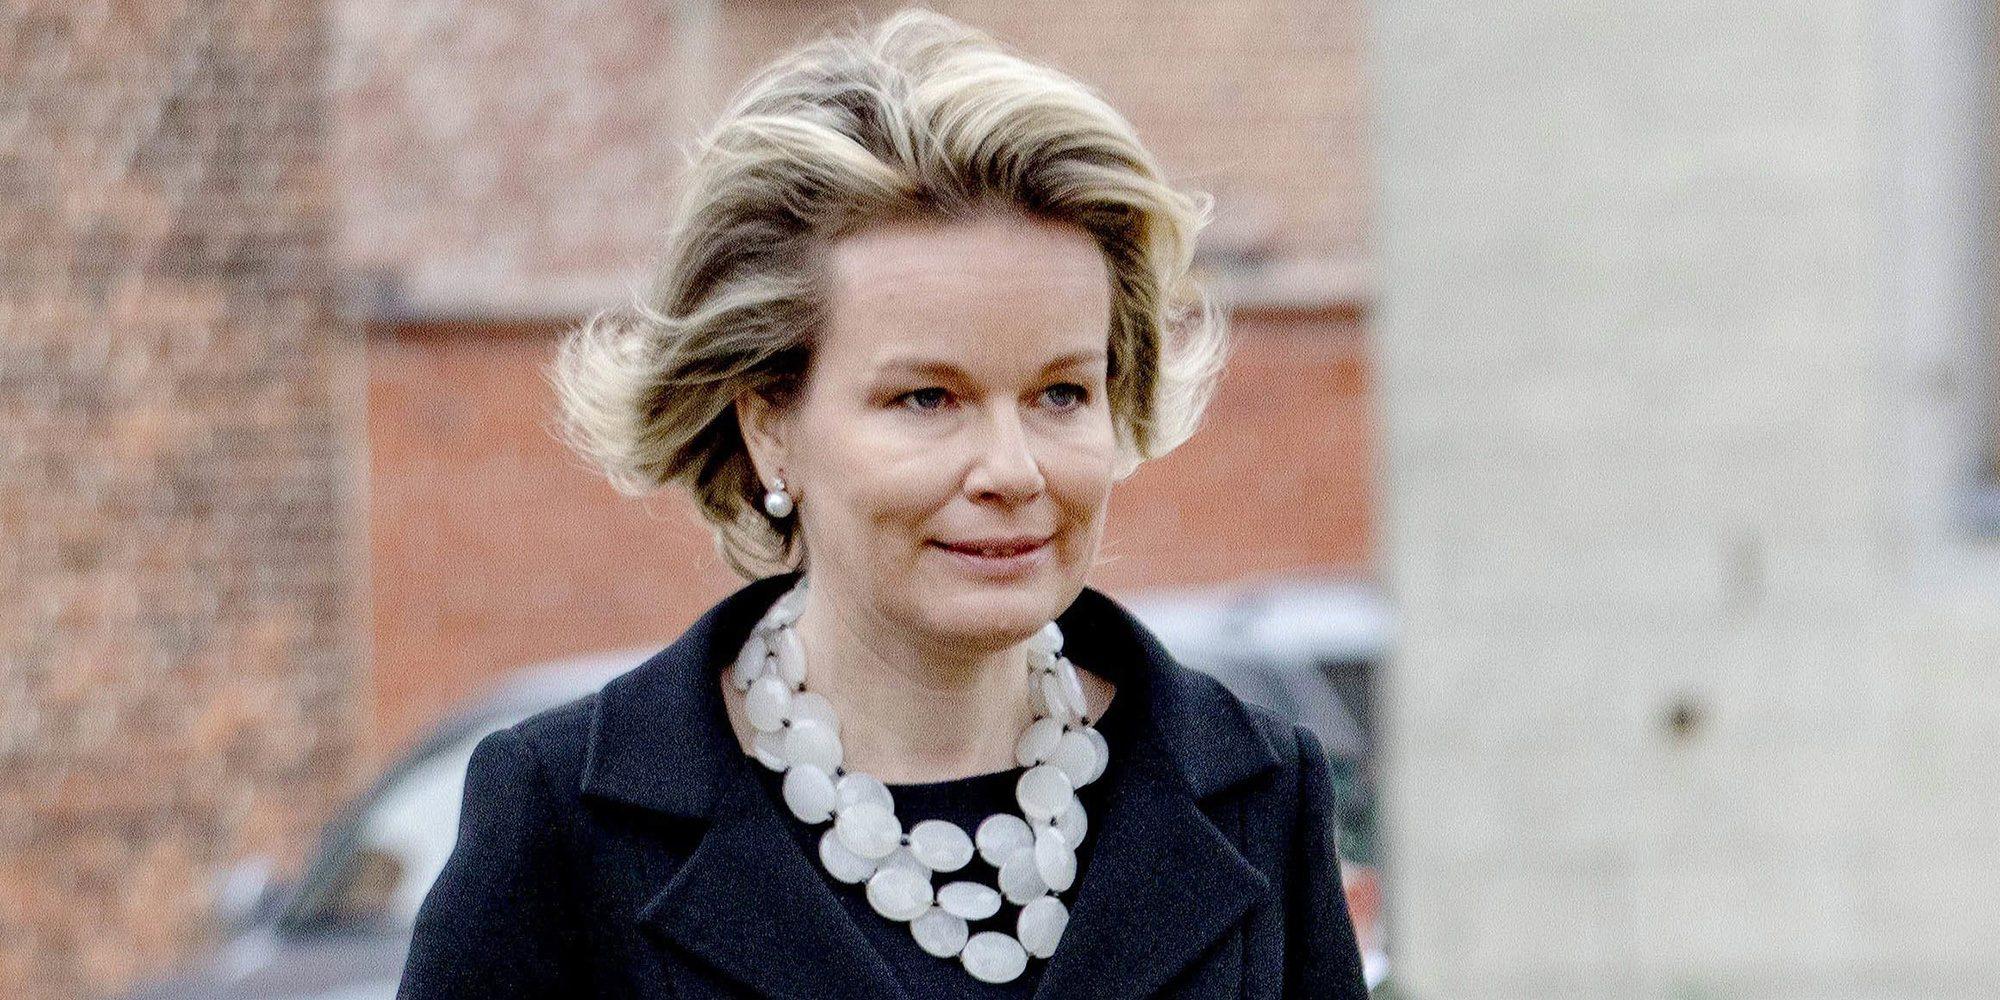 La Reina Matilde de Bélgica debuta en televisión con una sección propia